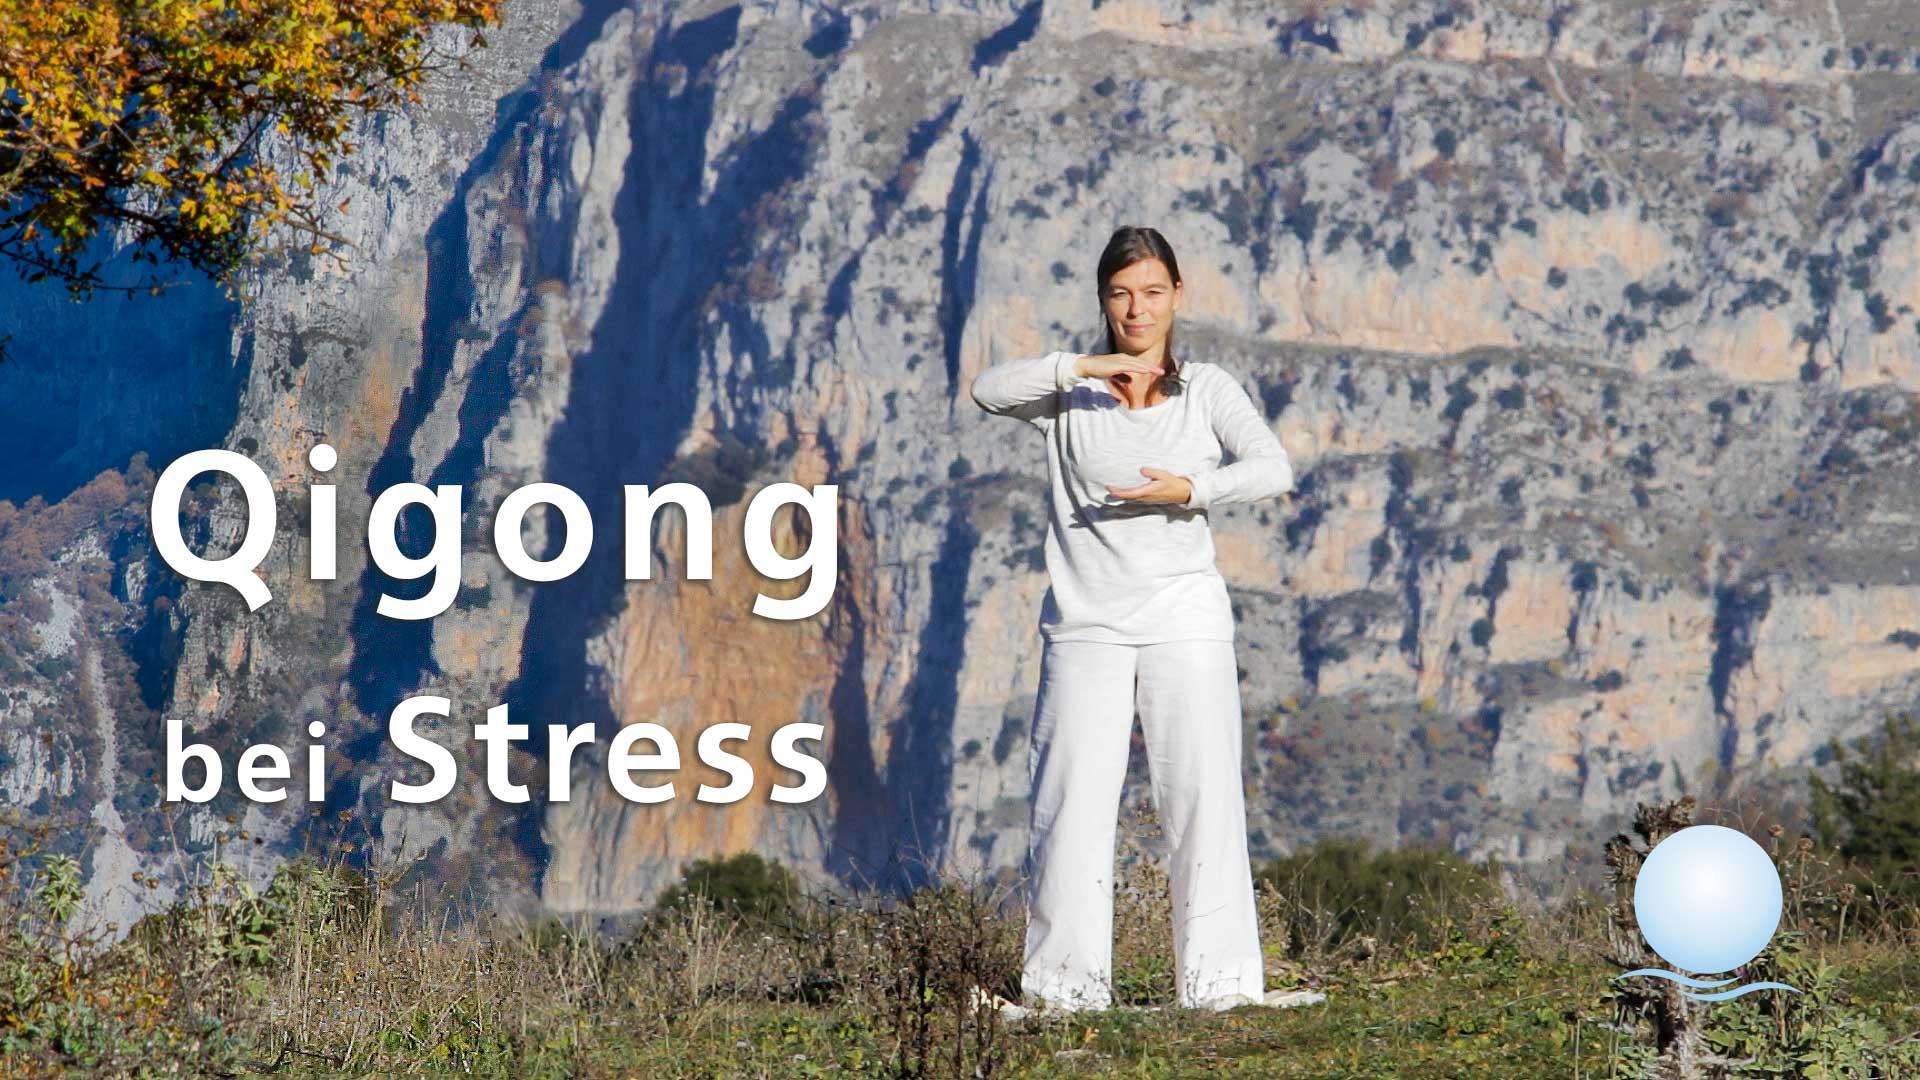 Qigong bei Stress